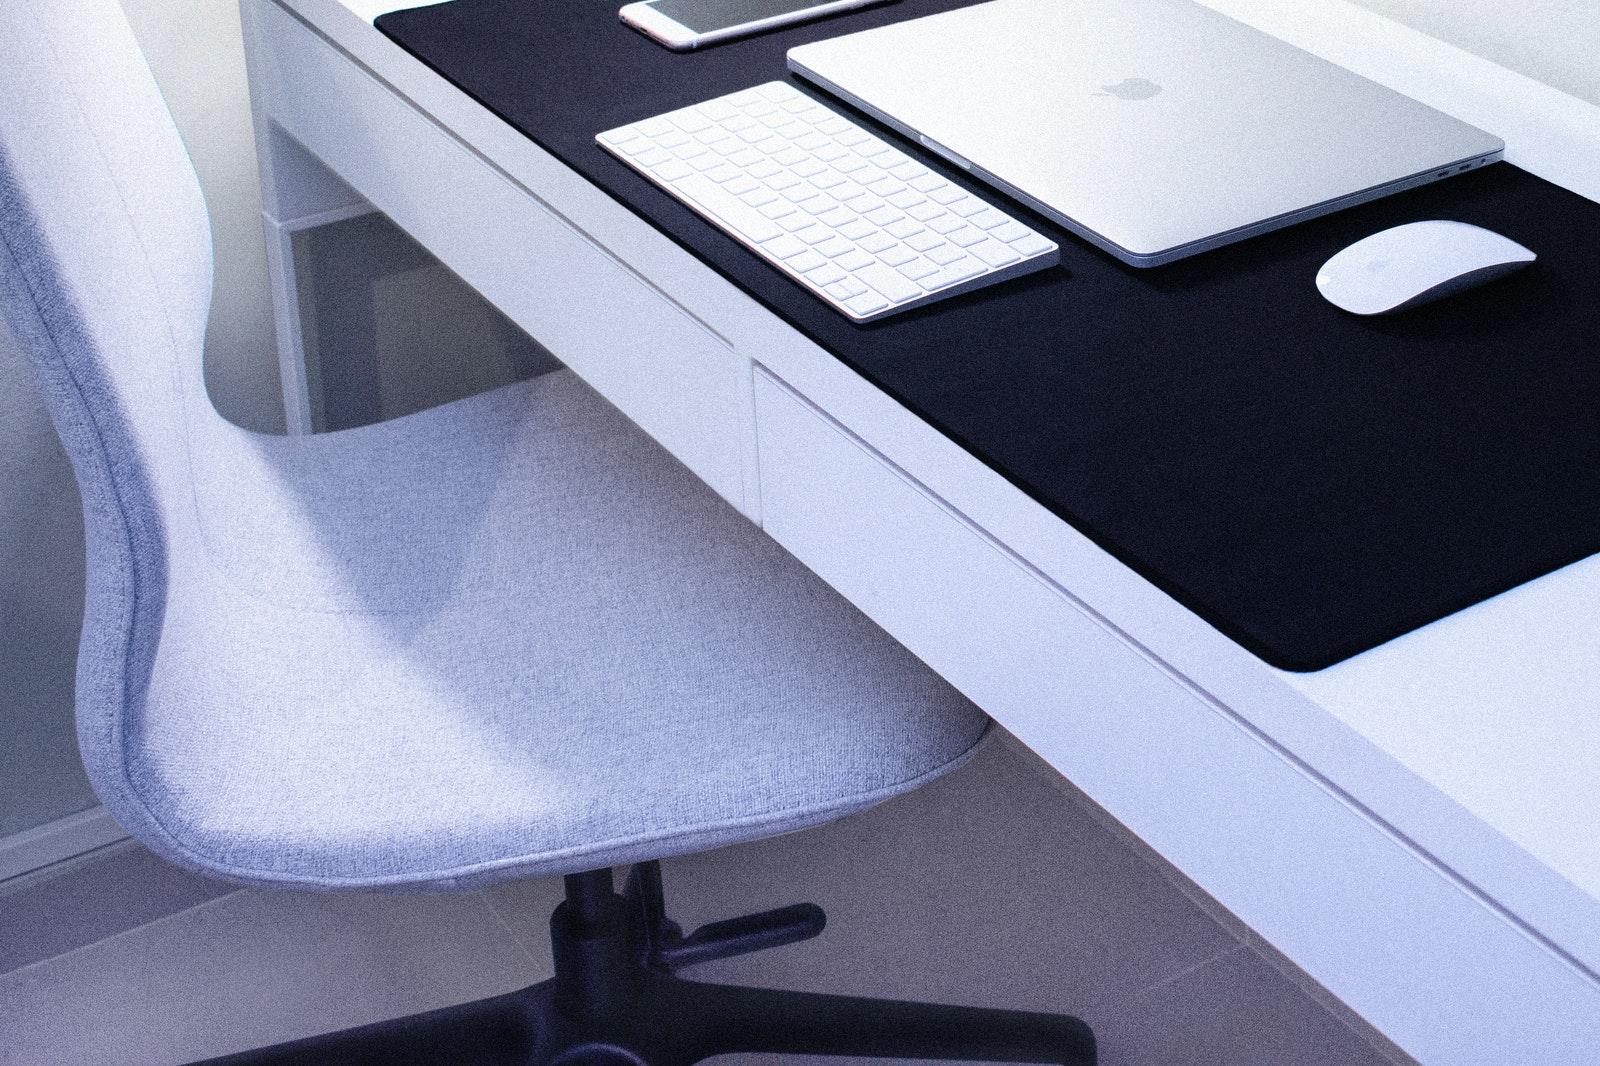 bürostuhl schön und ergonomisch